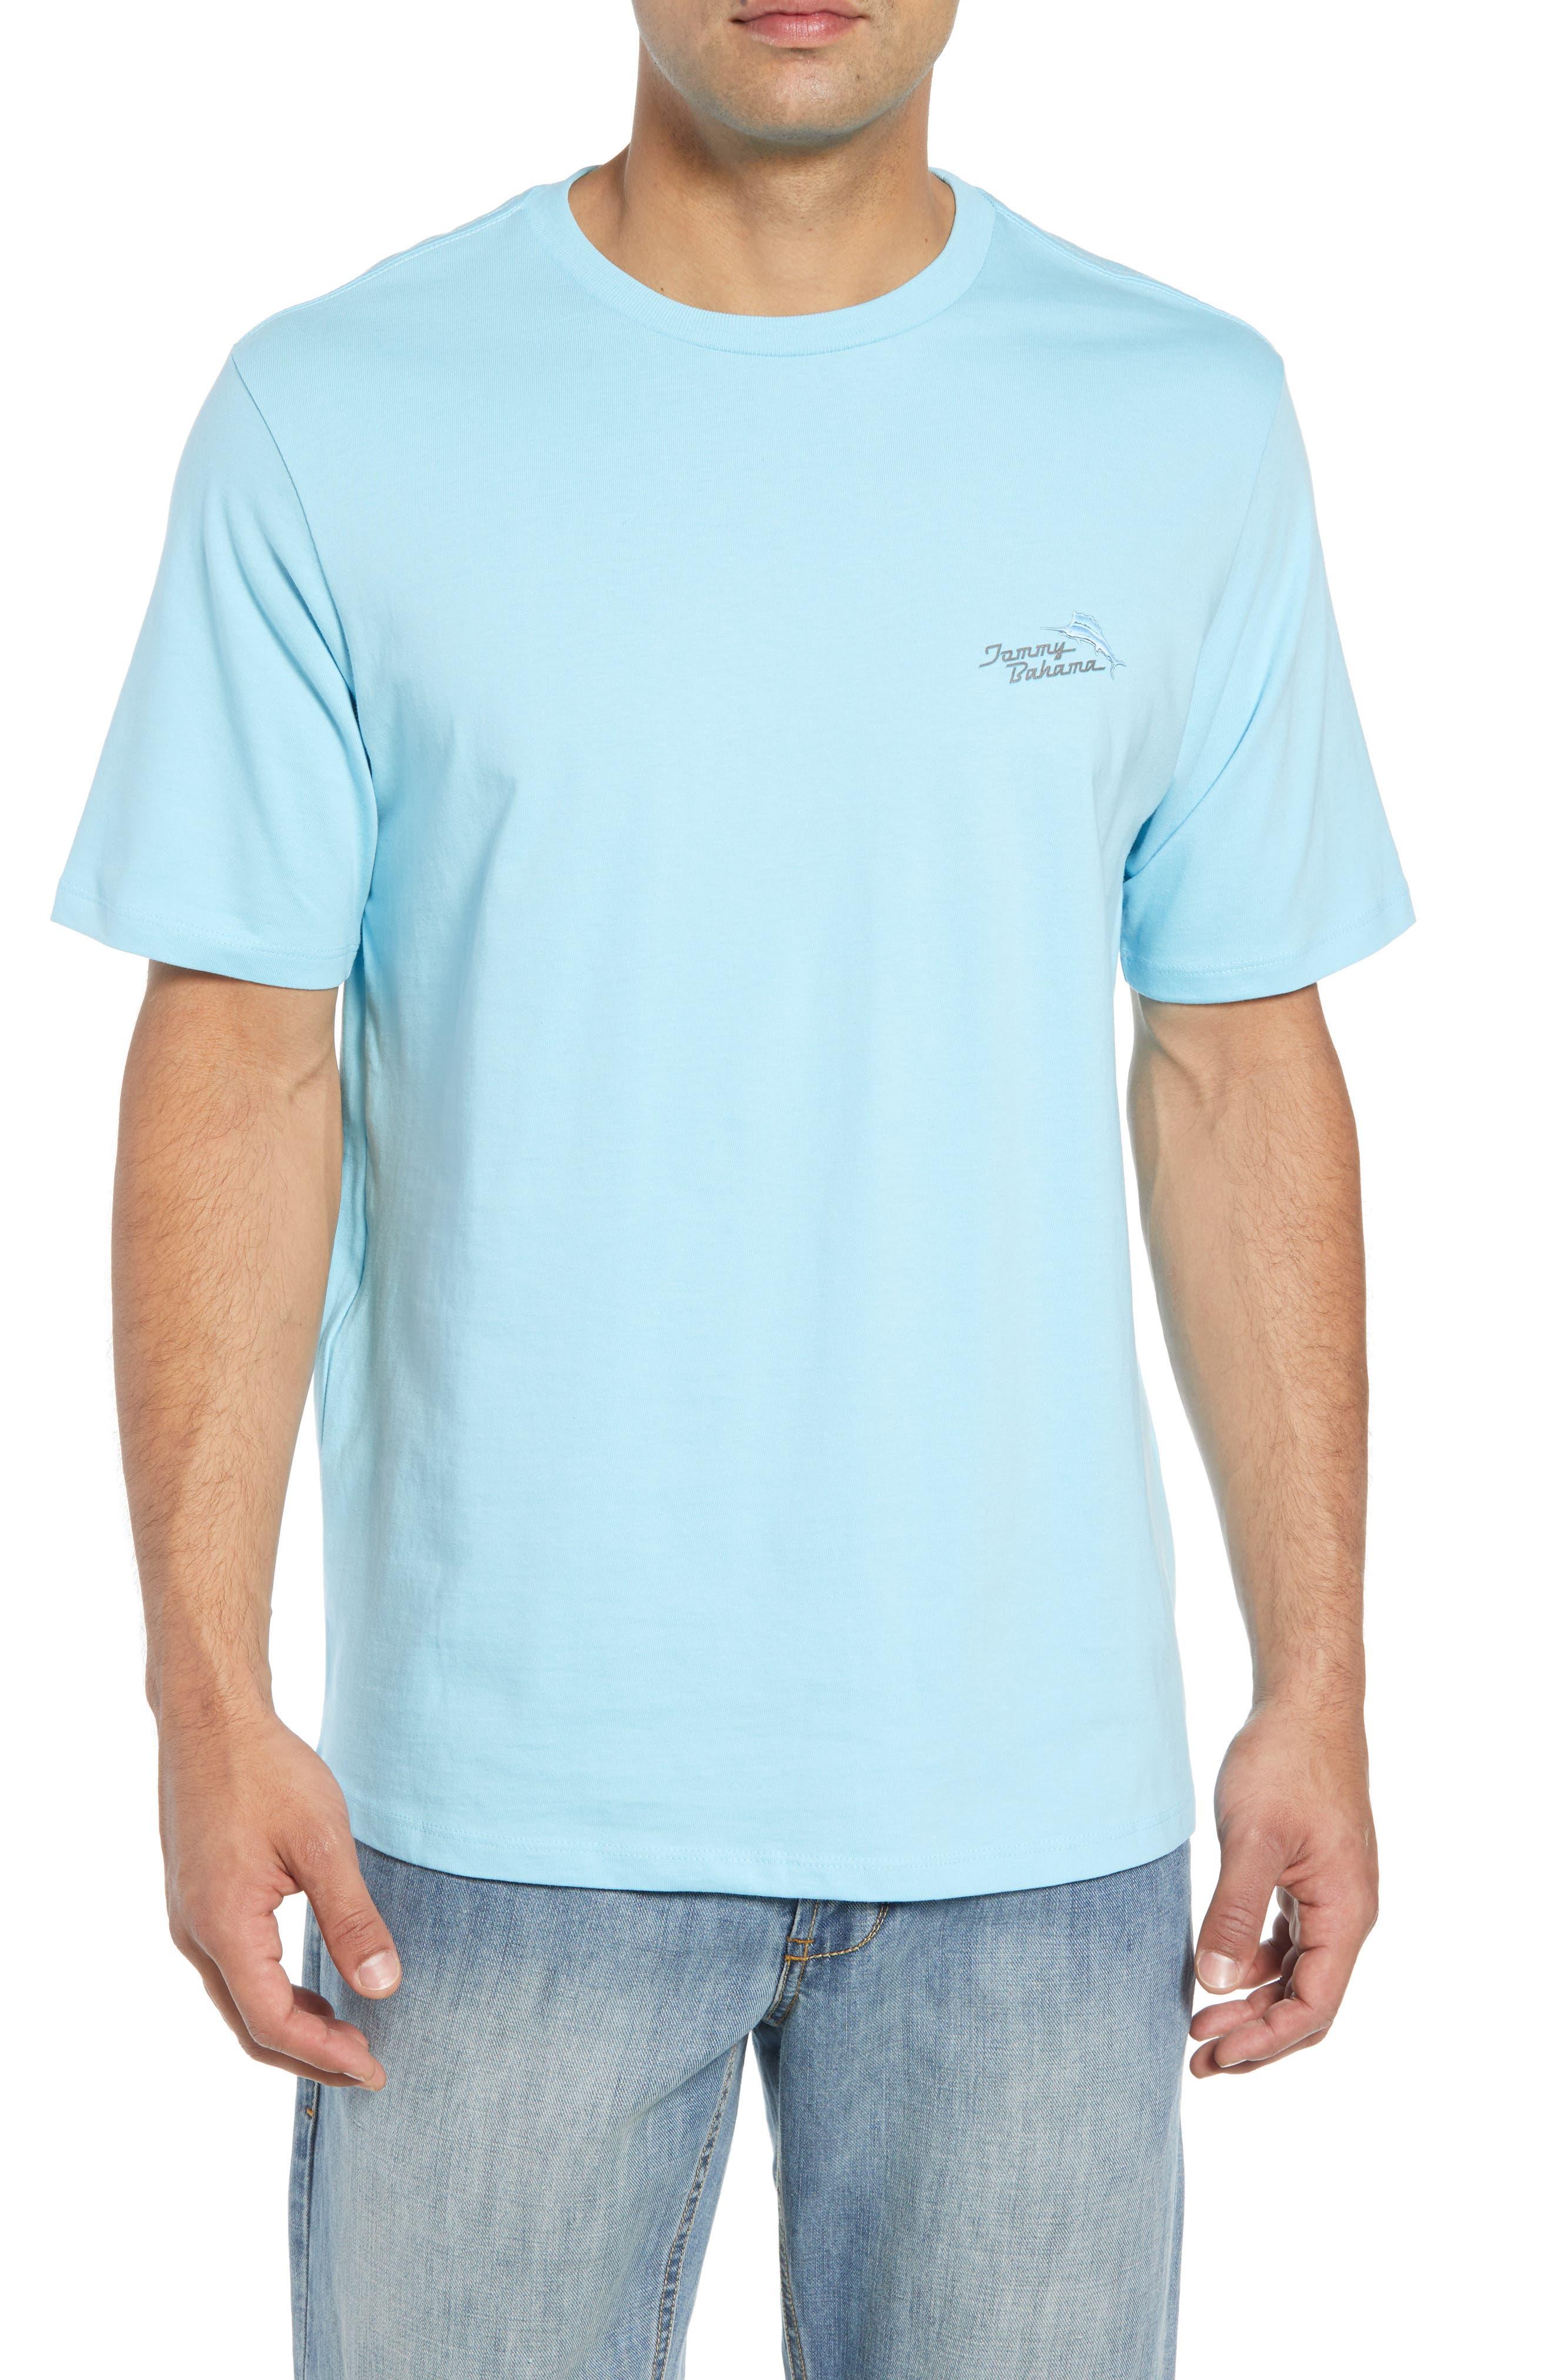 Beach Grille T-Shirt,                         Main,                         color, Bowtie Blue